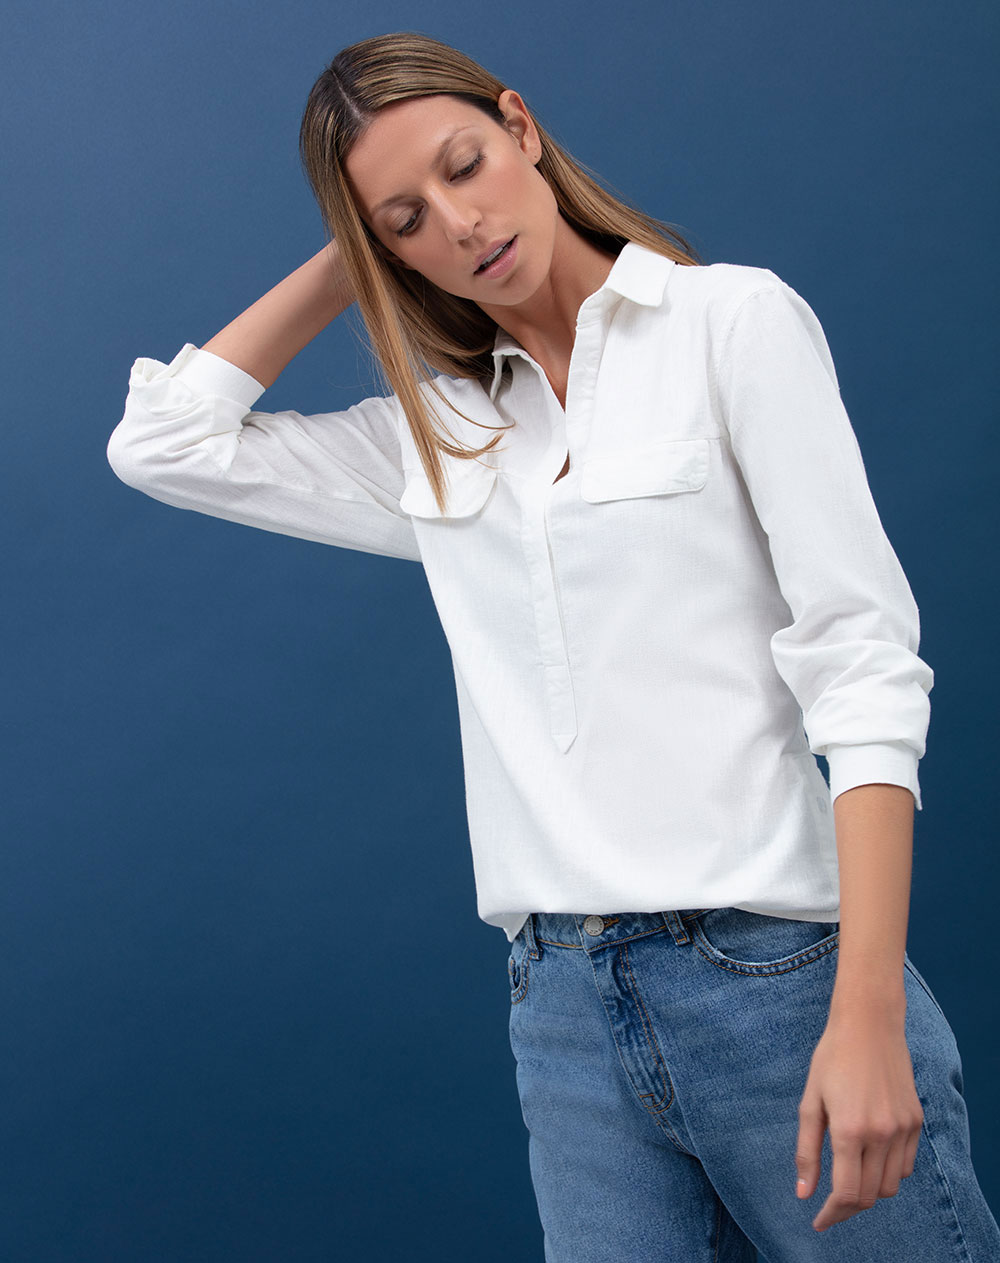 Mujeres Camisetas Exterior Punto Blanco Camisas Y b7gfYy6vI